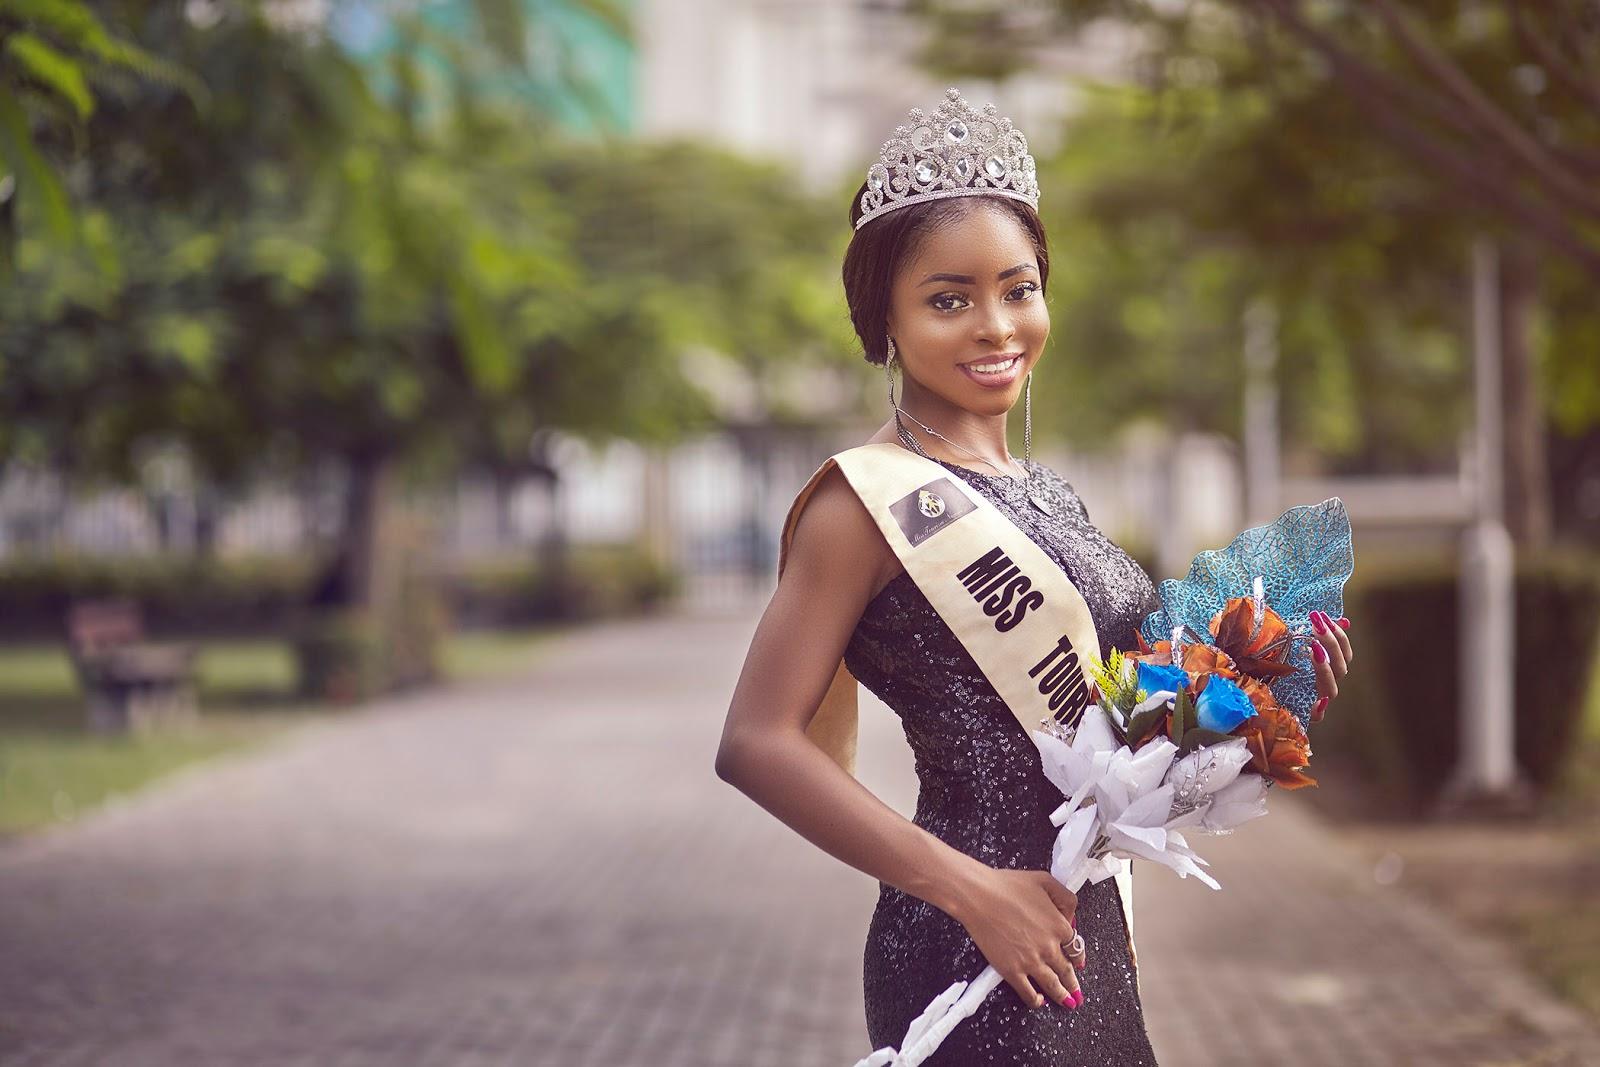 celine anderson miss tourism nigeria continent 2015 portrait 01